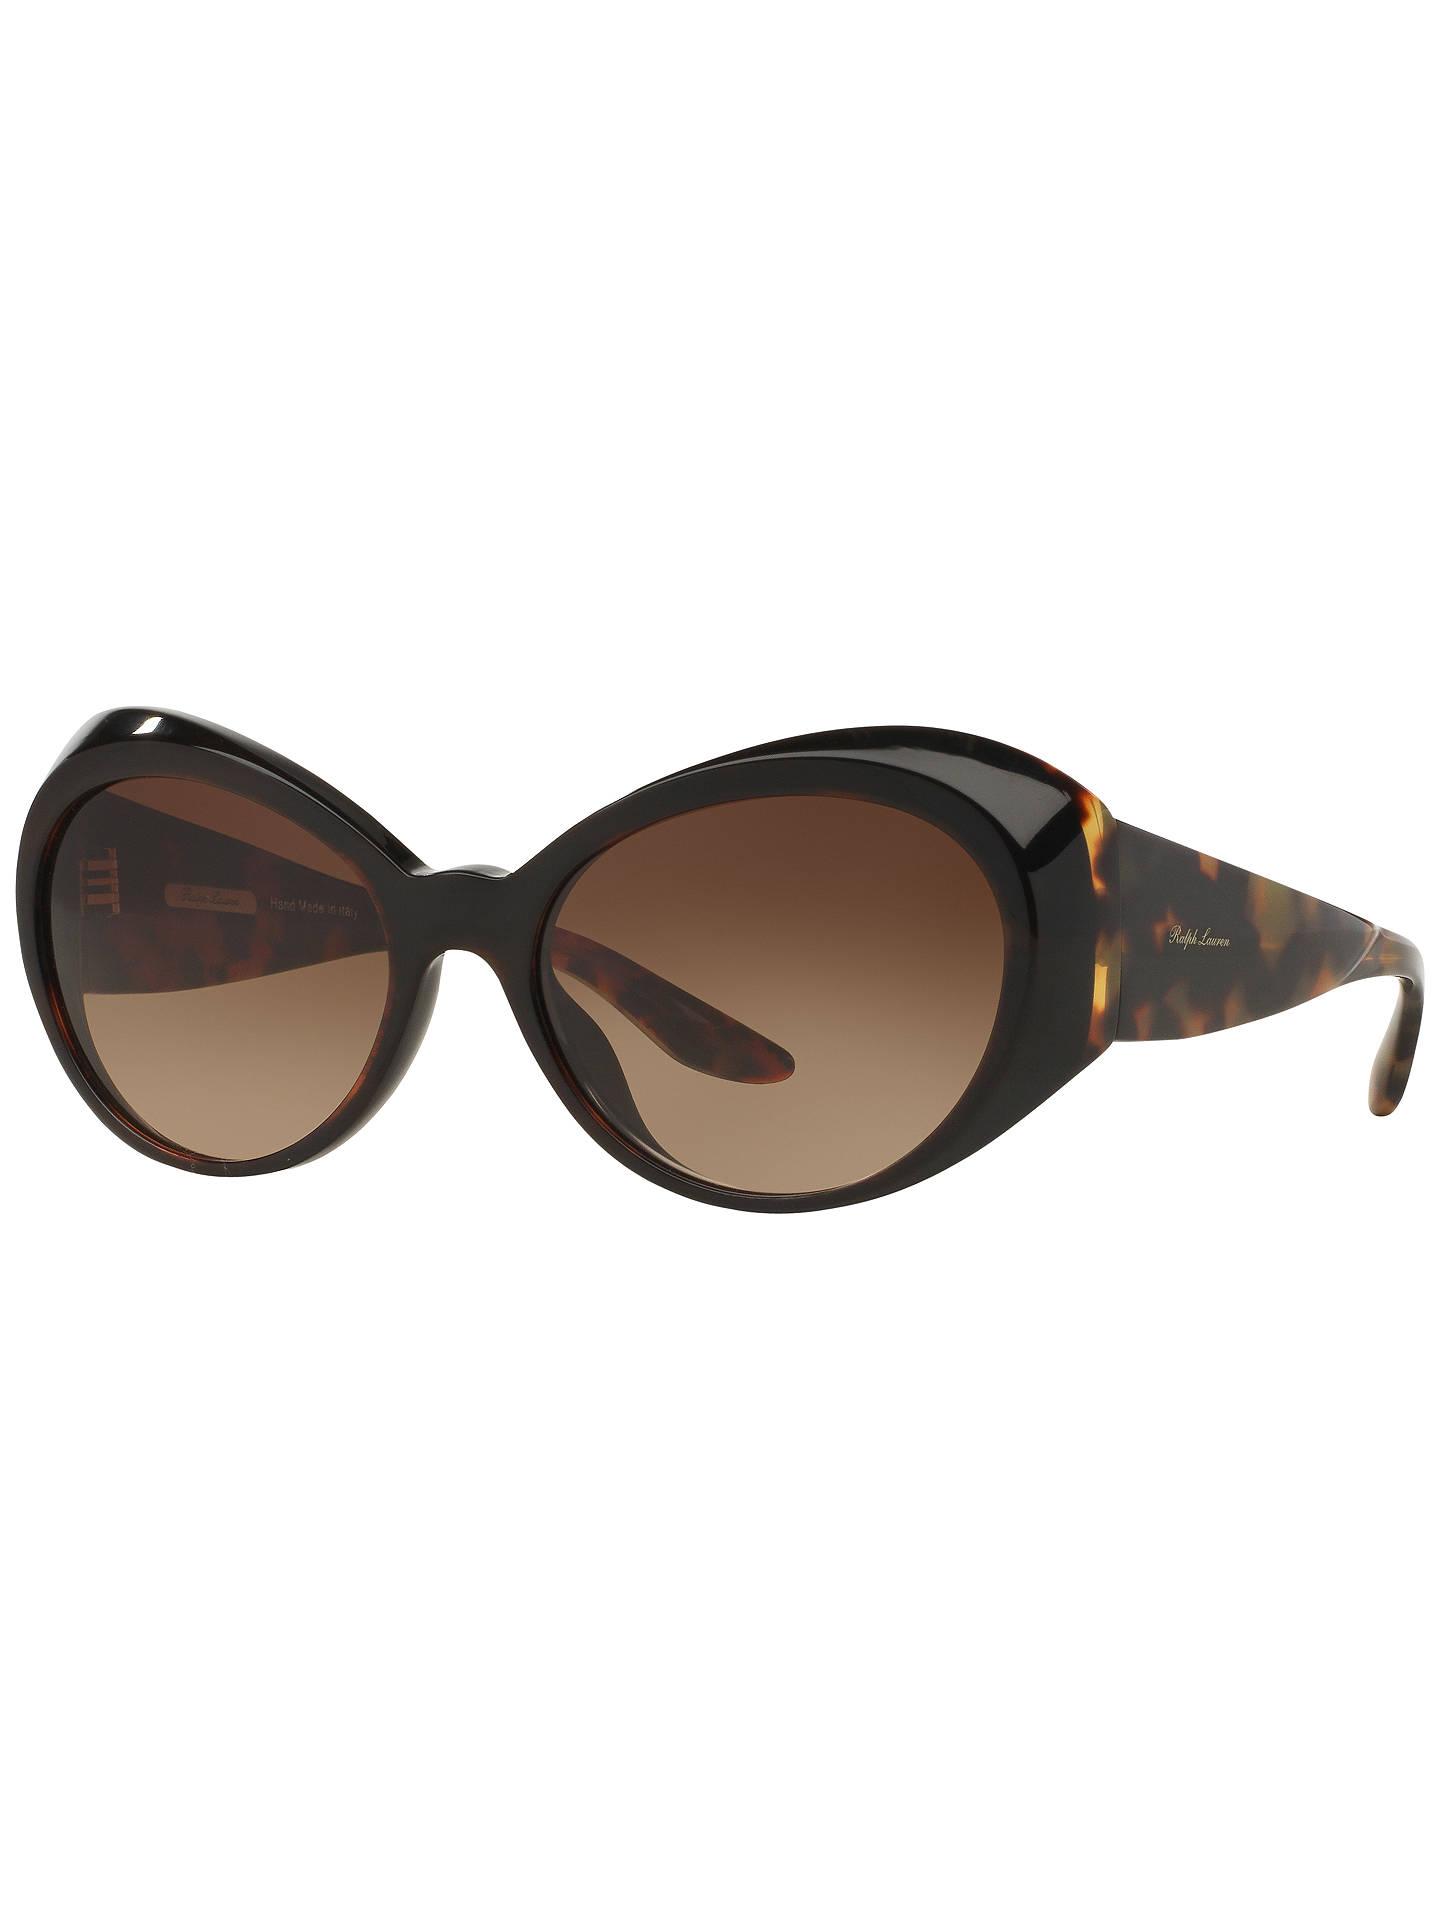 9800765e83 BuyRalph Lauren RL8139 Cat s Eye Sunglasses